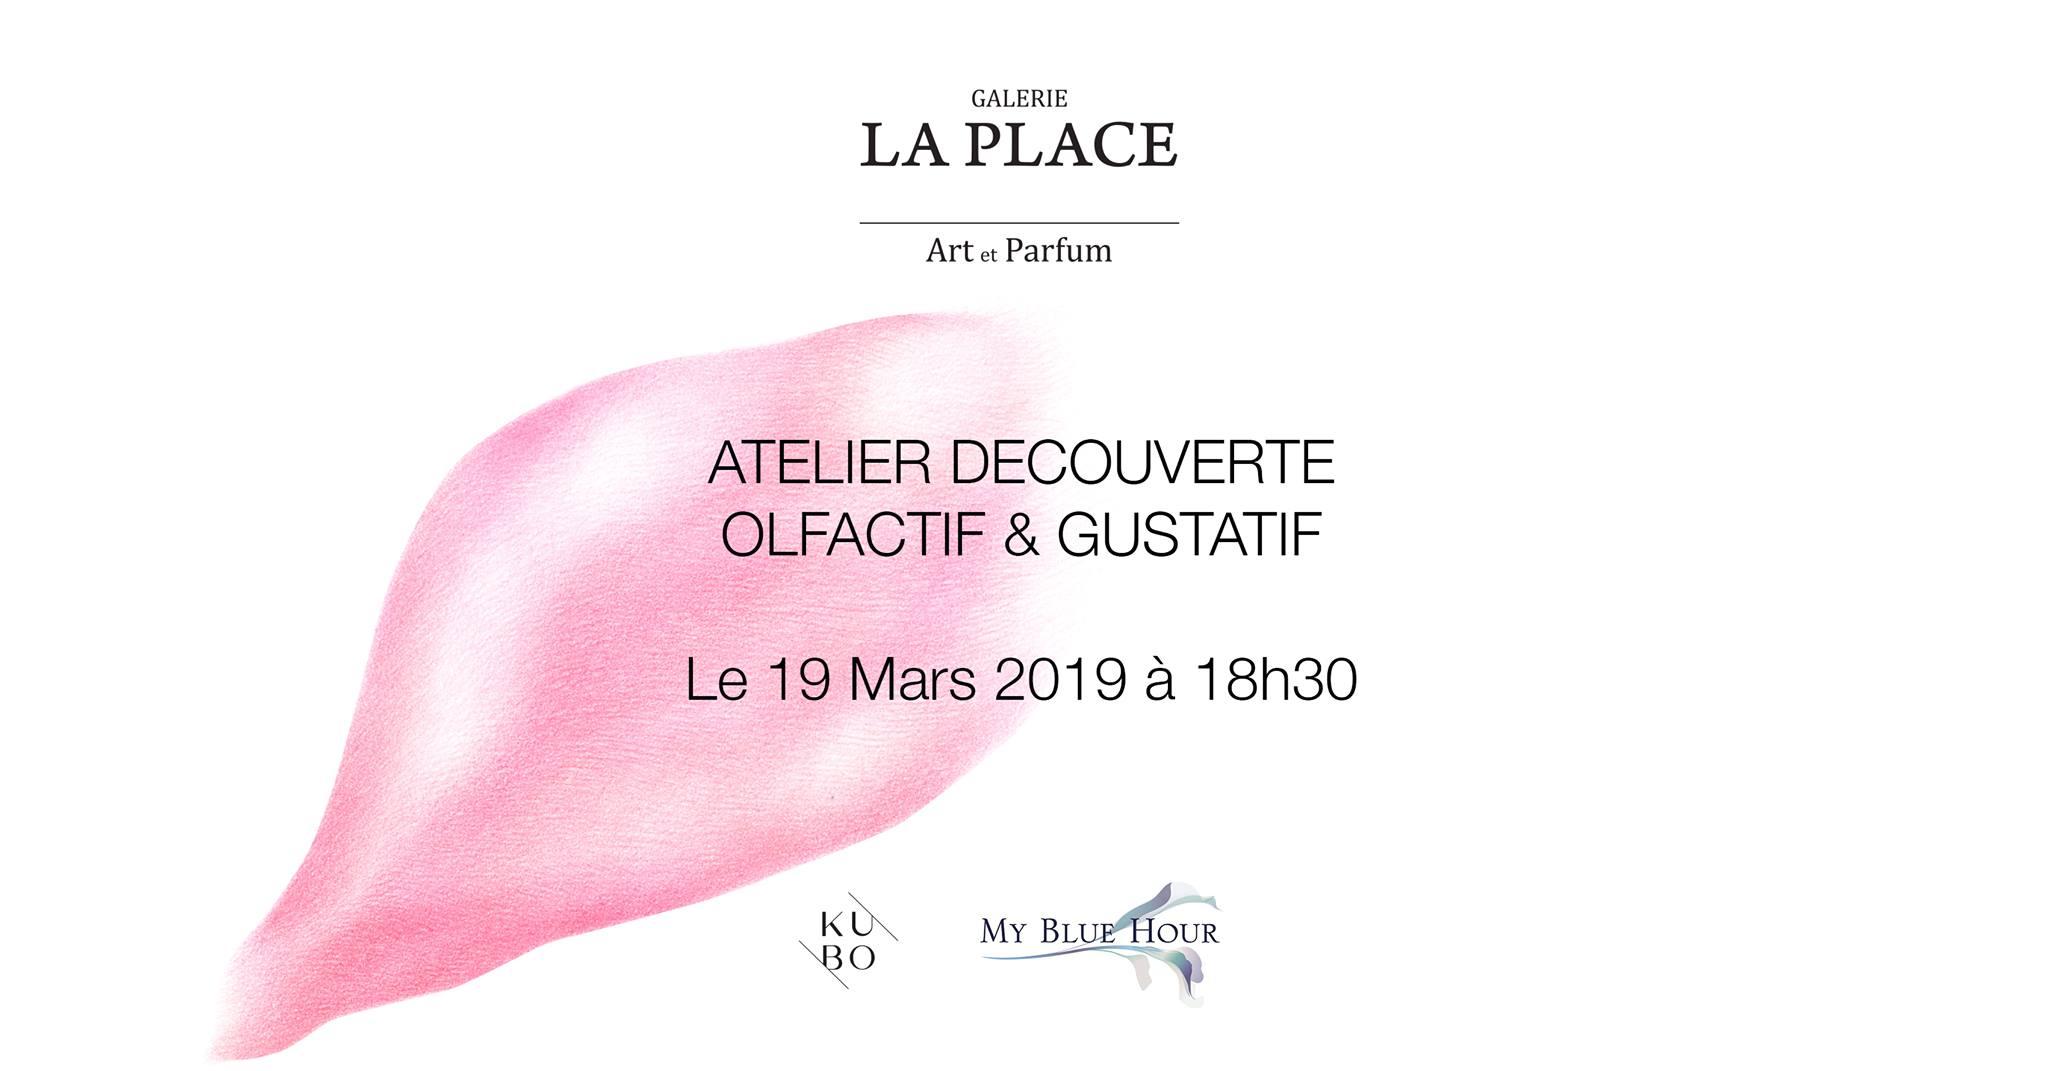 Un Atelier Gustatif Et Olfactif Marie L'art Du Parfum À à Sens Olfactif